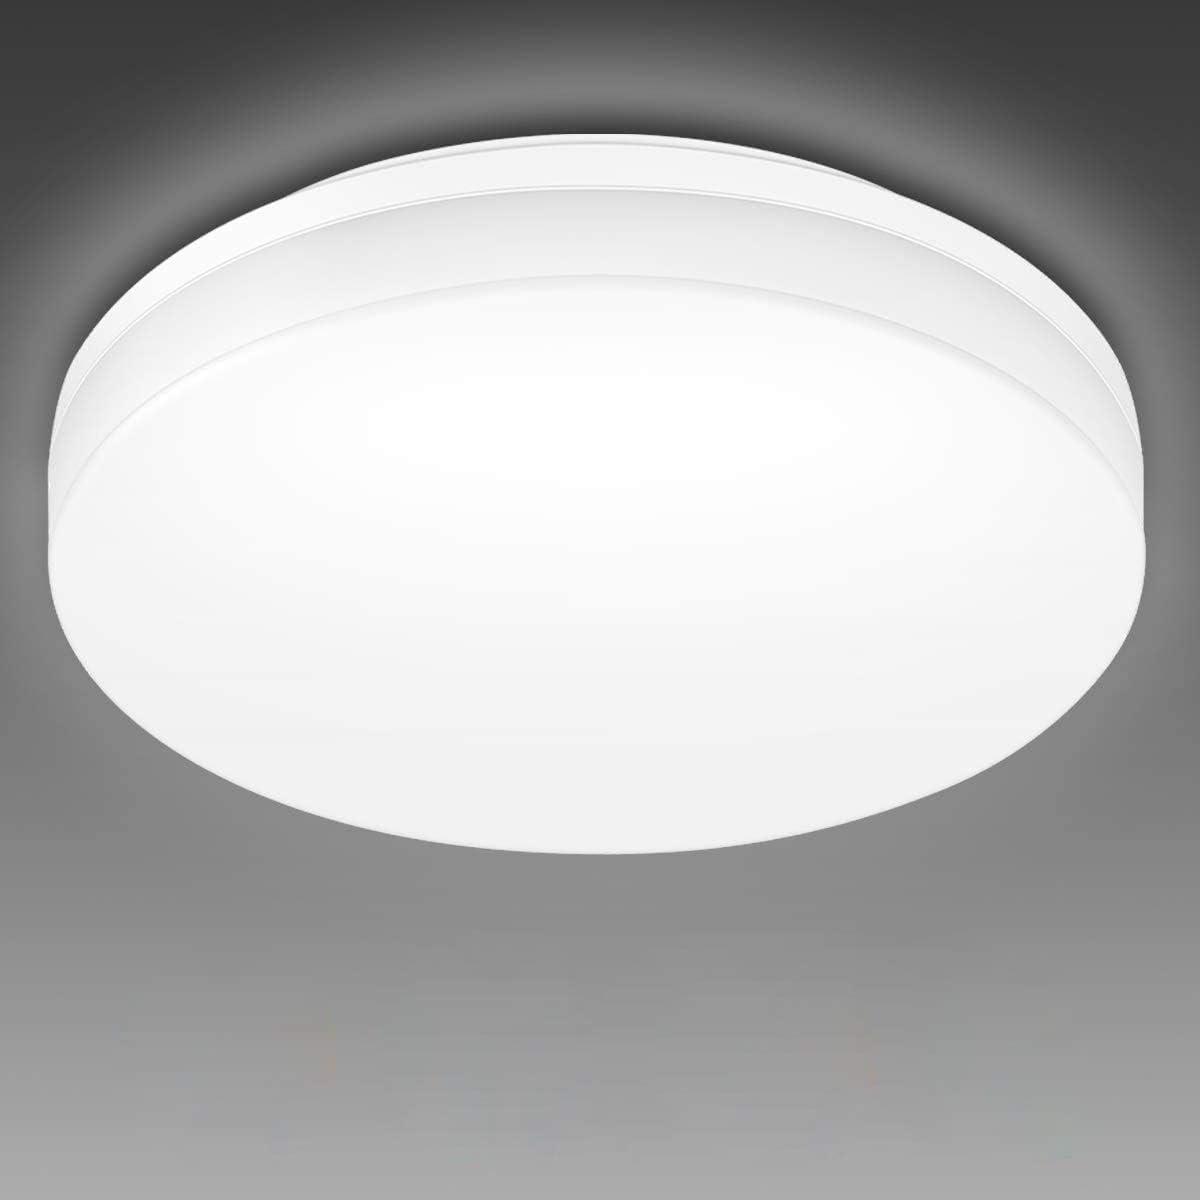 LE 20W Deckenlampe, LED Deckenleuchte IP20 Wasserfest, Ø20 20K ...